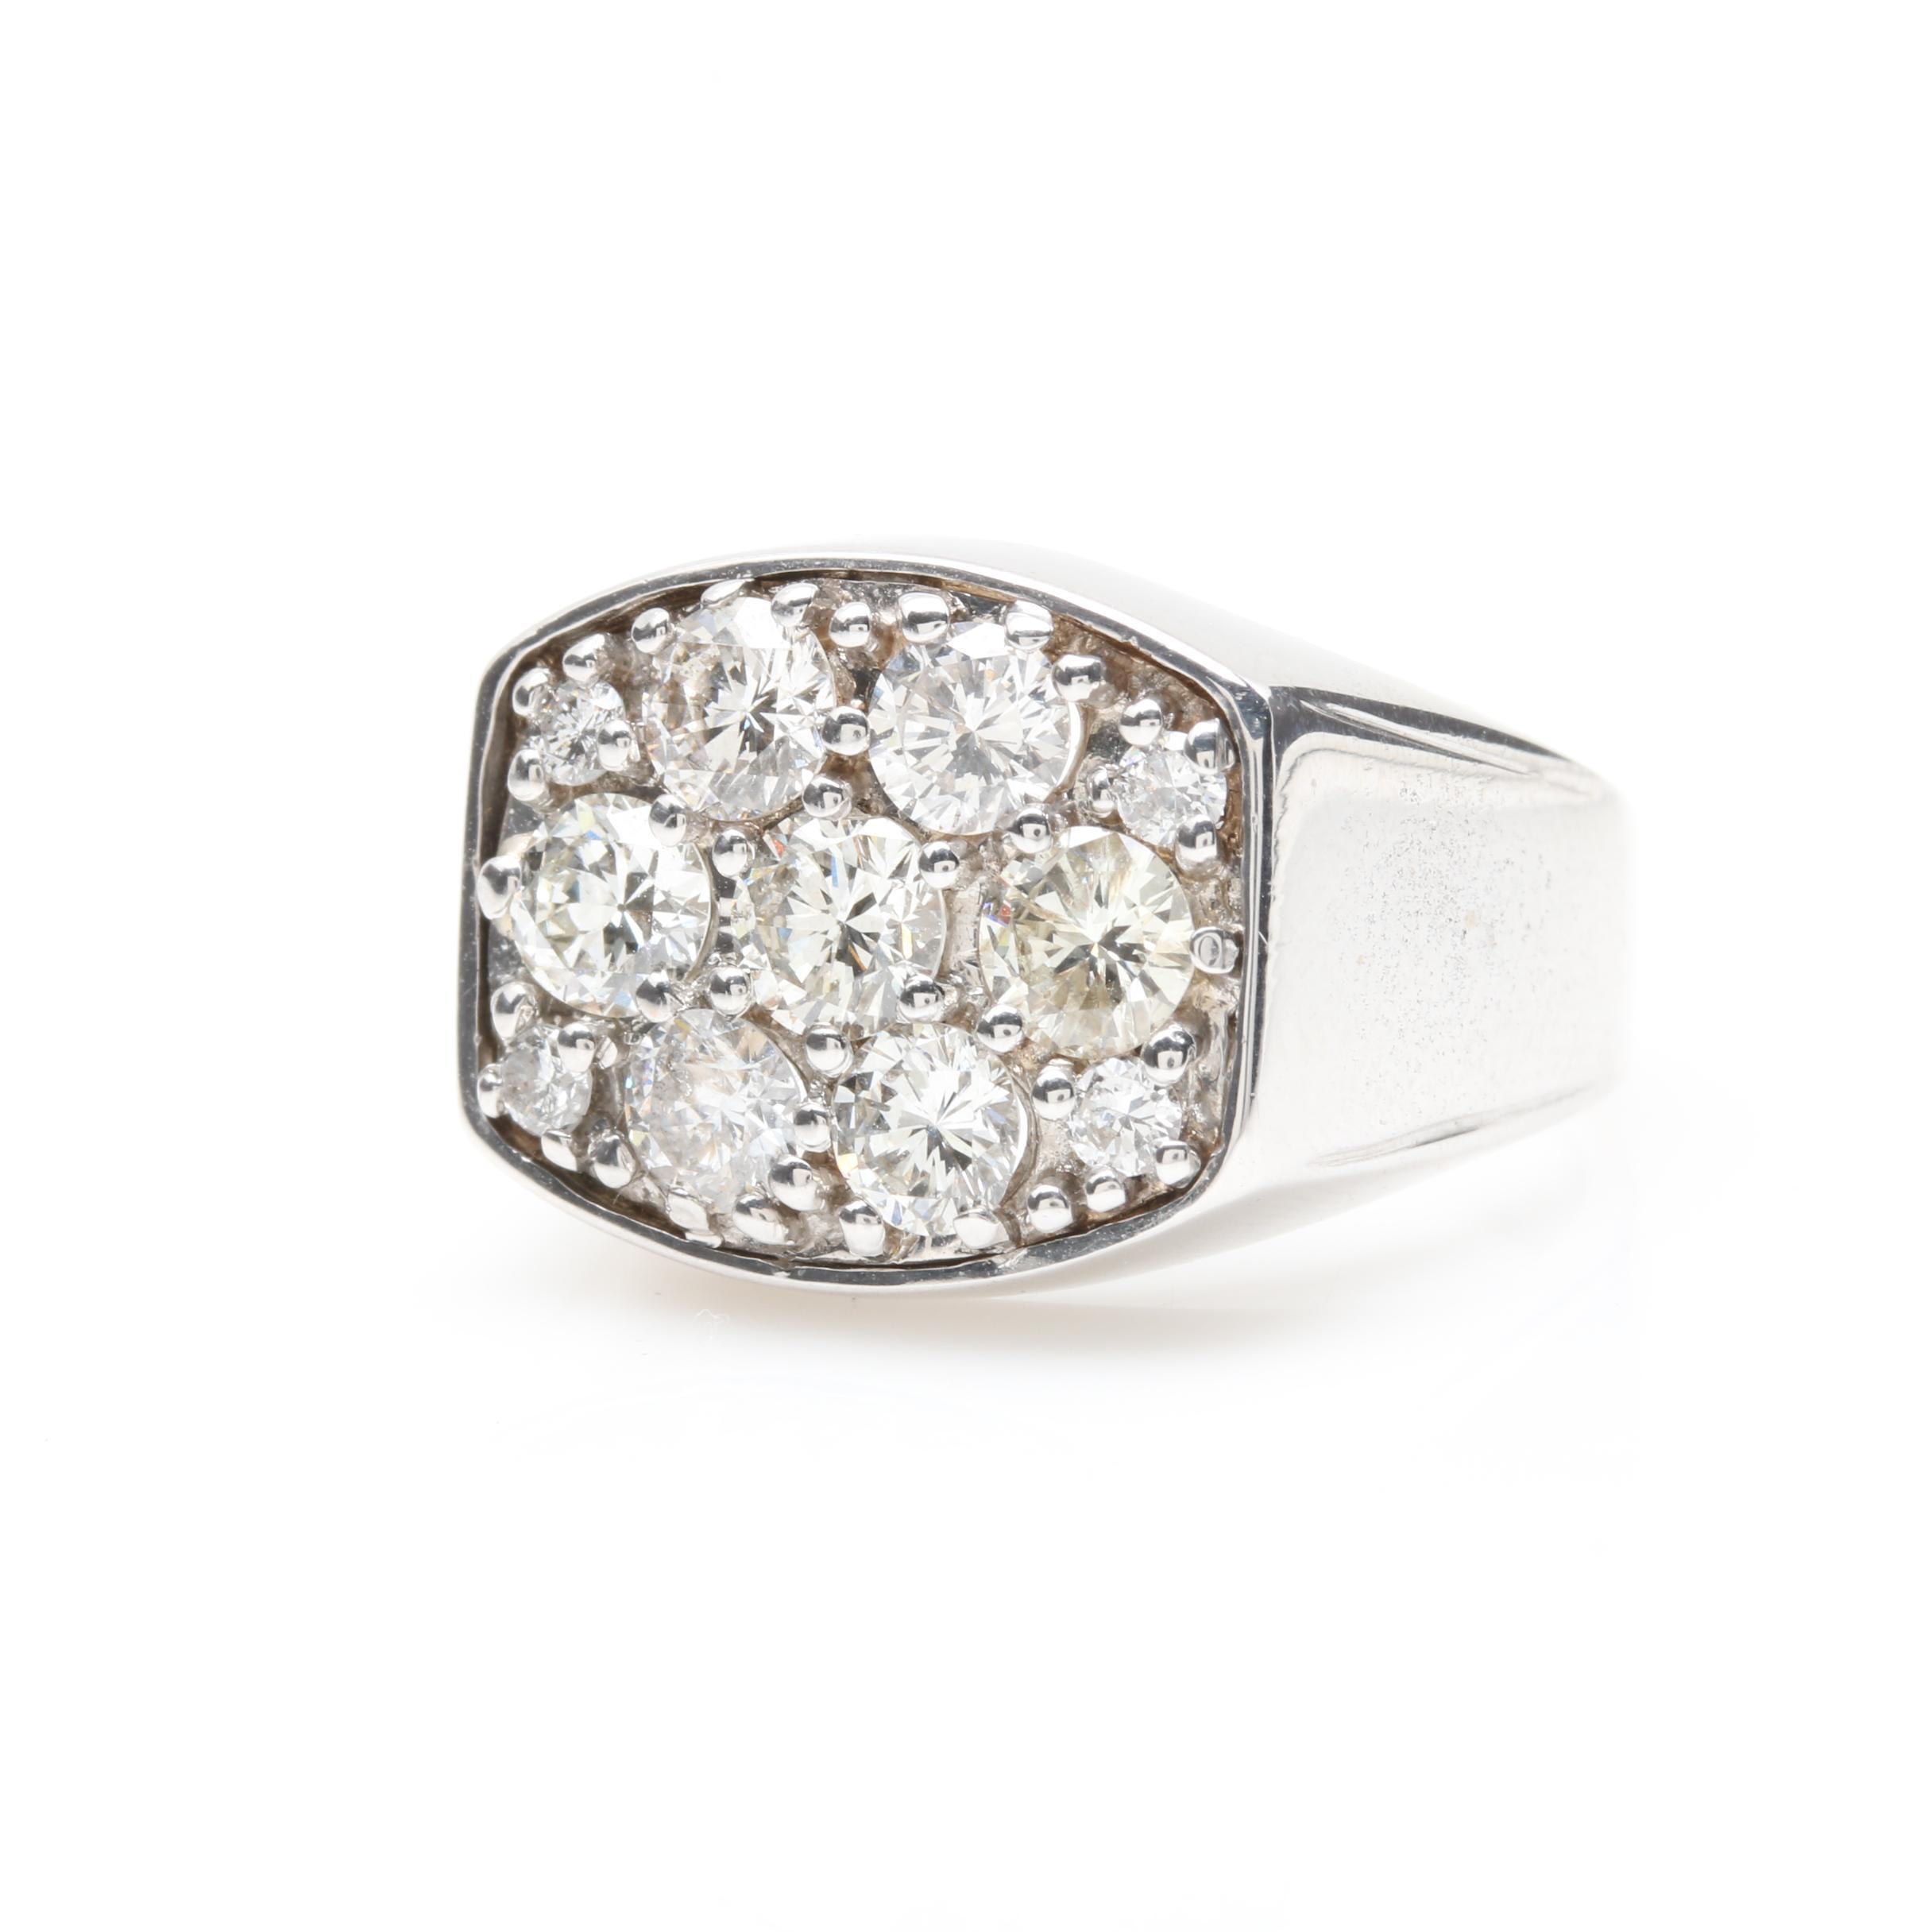 14K White Gold 1.70 CTW Diamond Cluster Ring